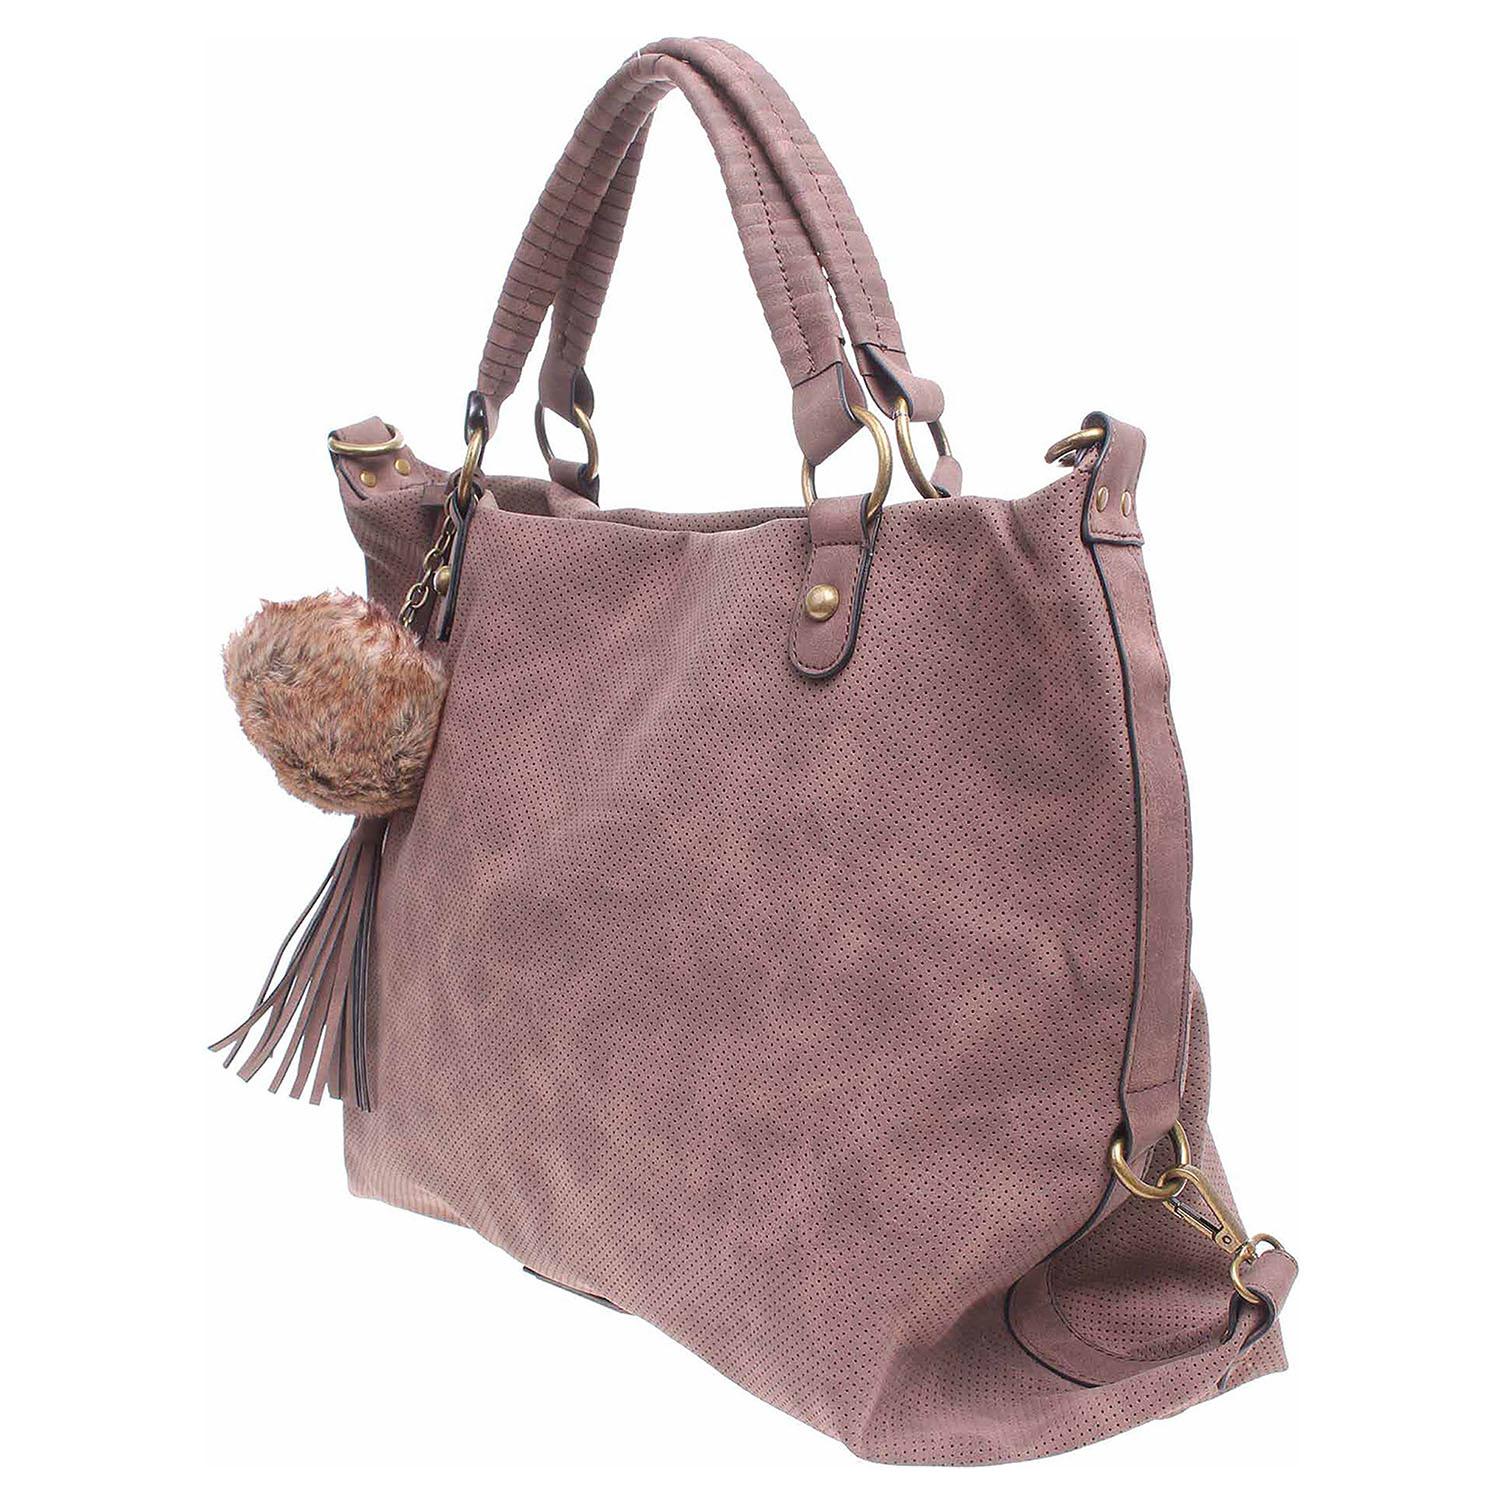 Ecco Marco Tozzi dámská kabelka 2-61124-29 hnědá 11891250